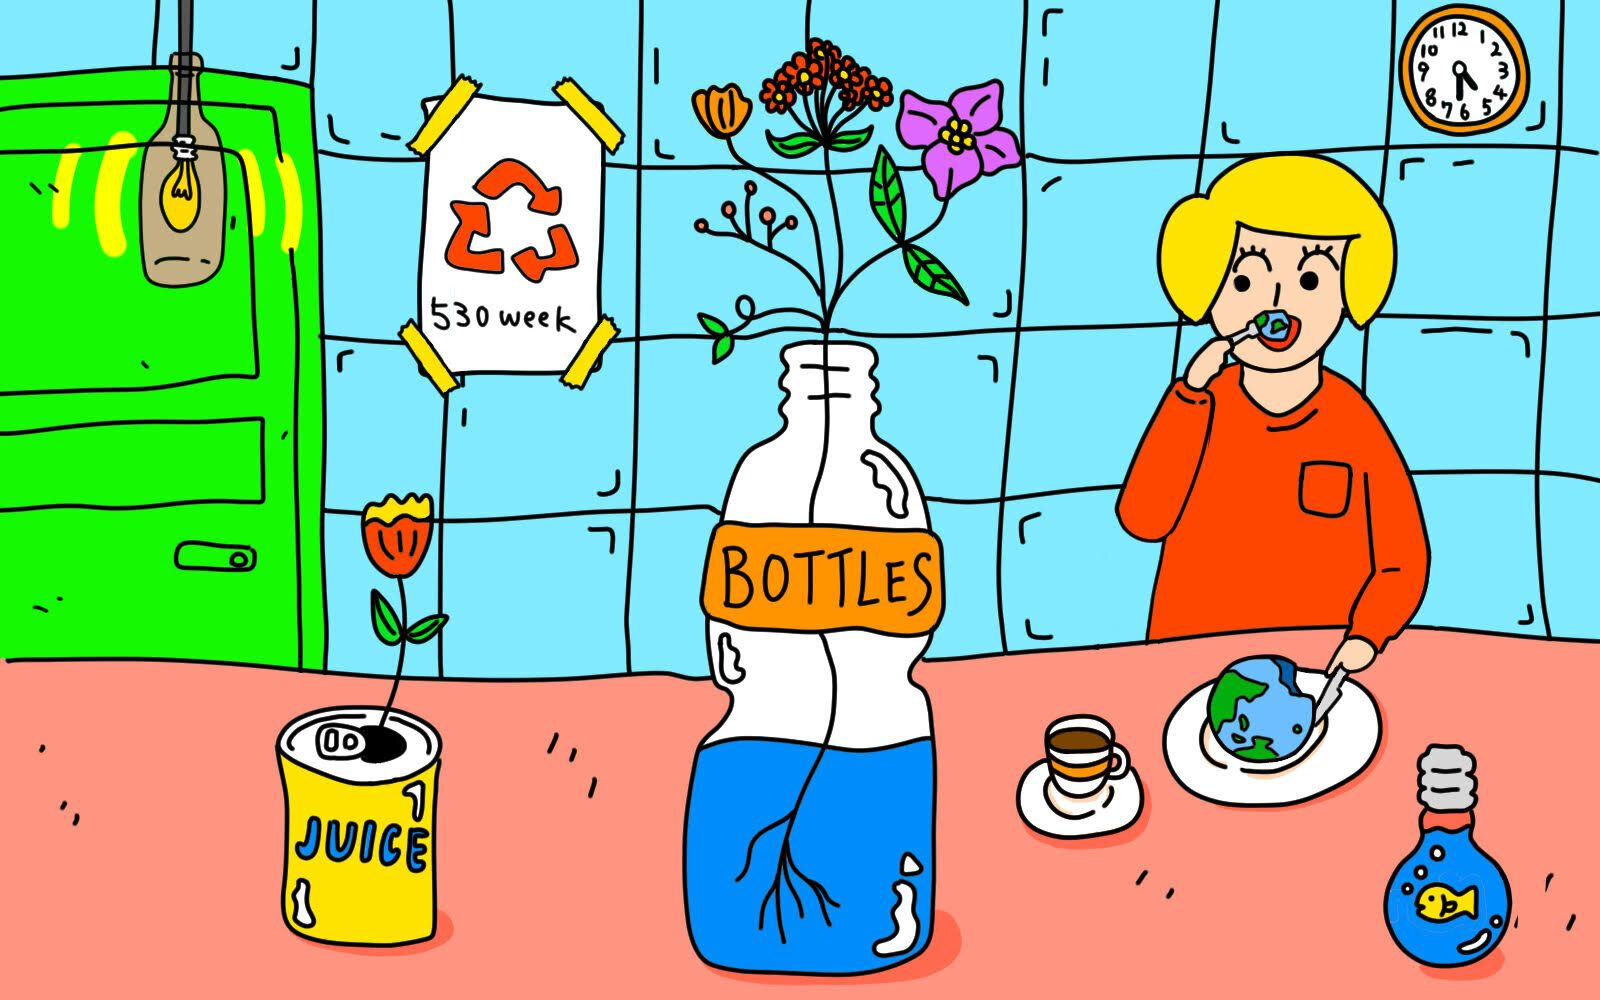 「循環型経済」を5月30日(ごみゼロの日)に学ぼう。廃棄物を価値あるものに変えるなど、環境負荷を減らす社会へ